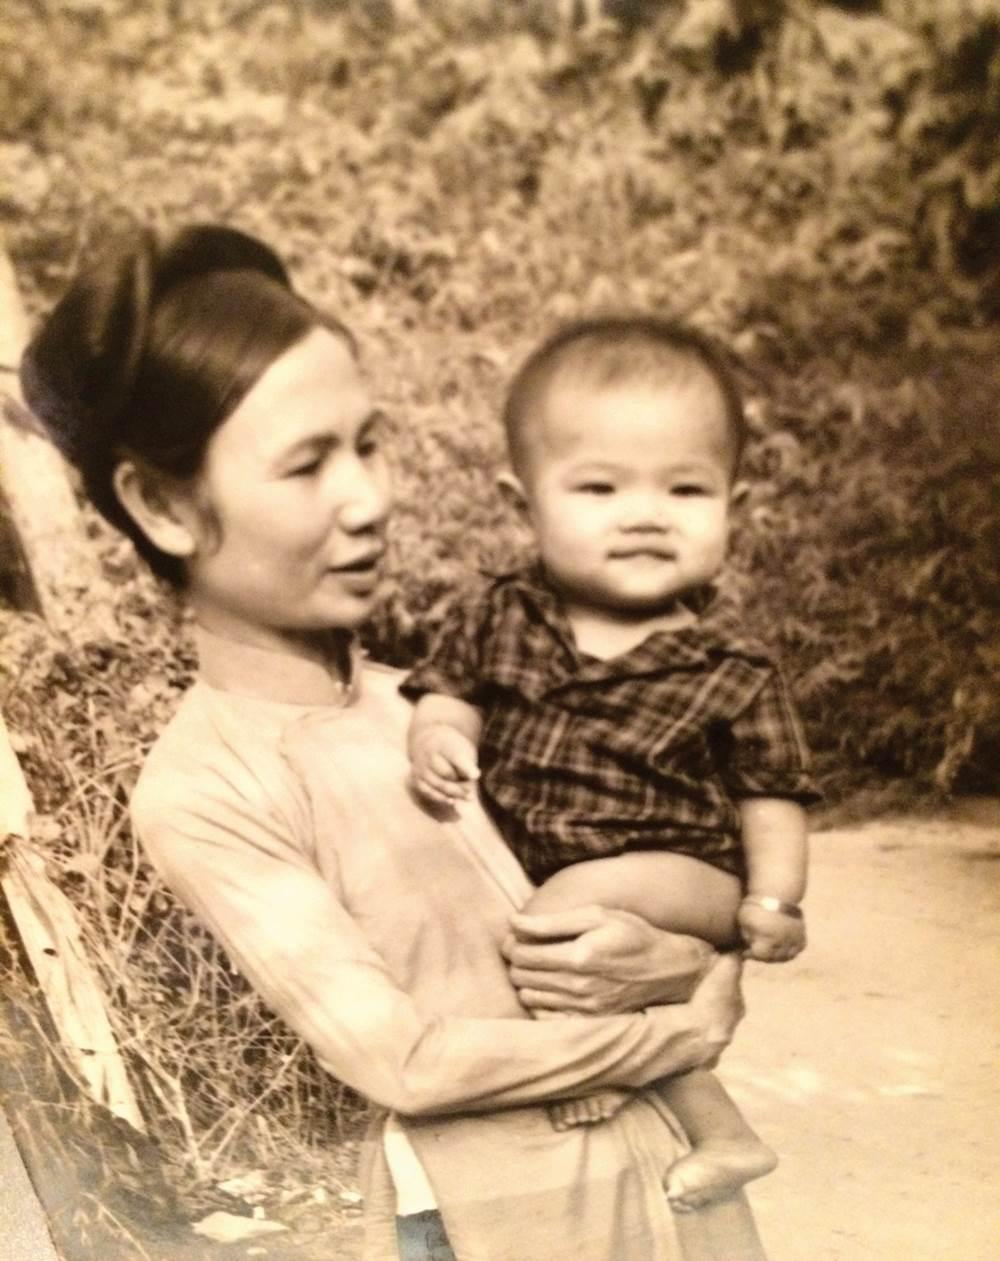 Nhạc sĩ Quốc Bảo khi bé cùng bà ngoại